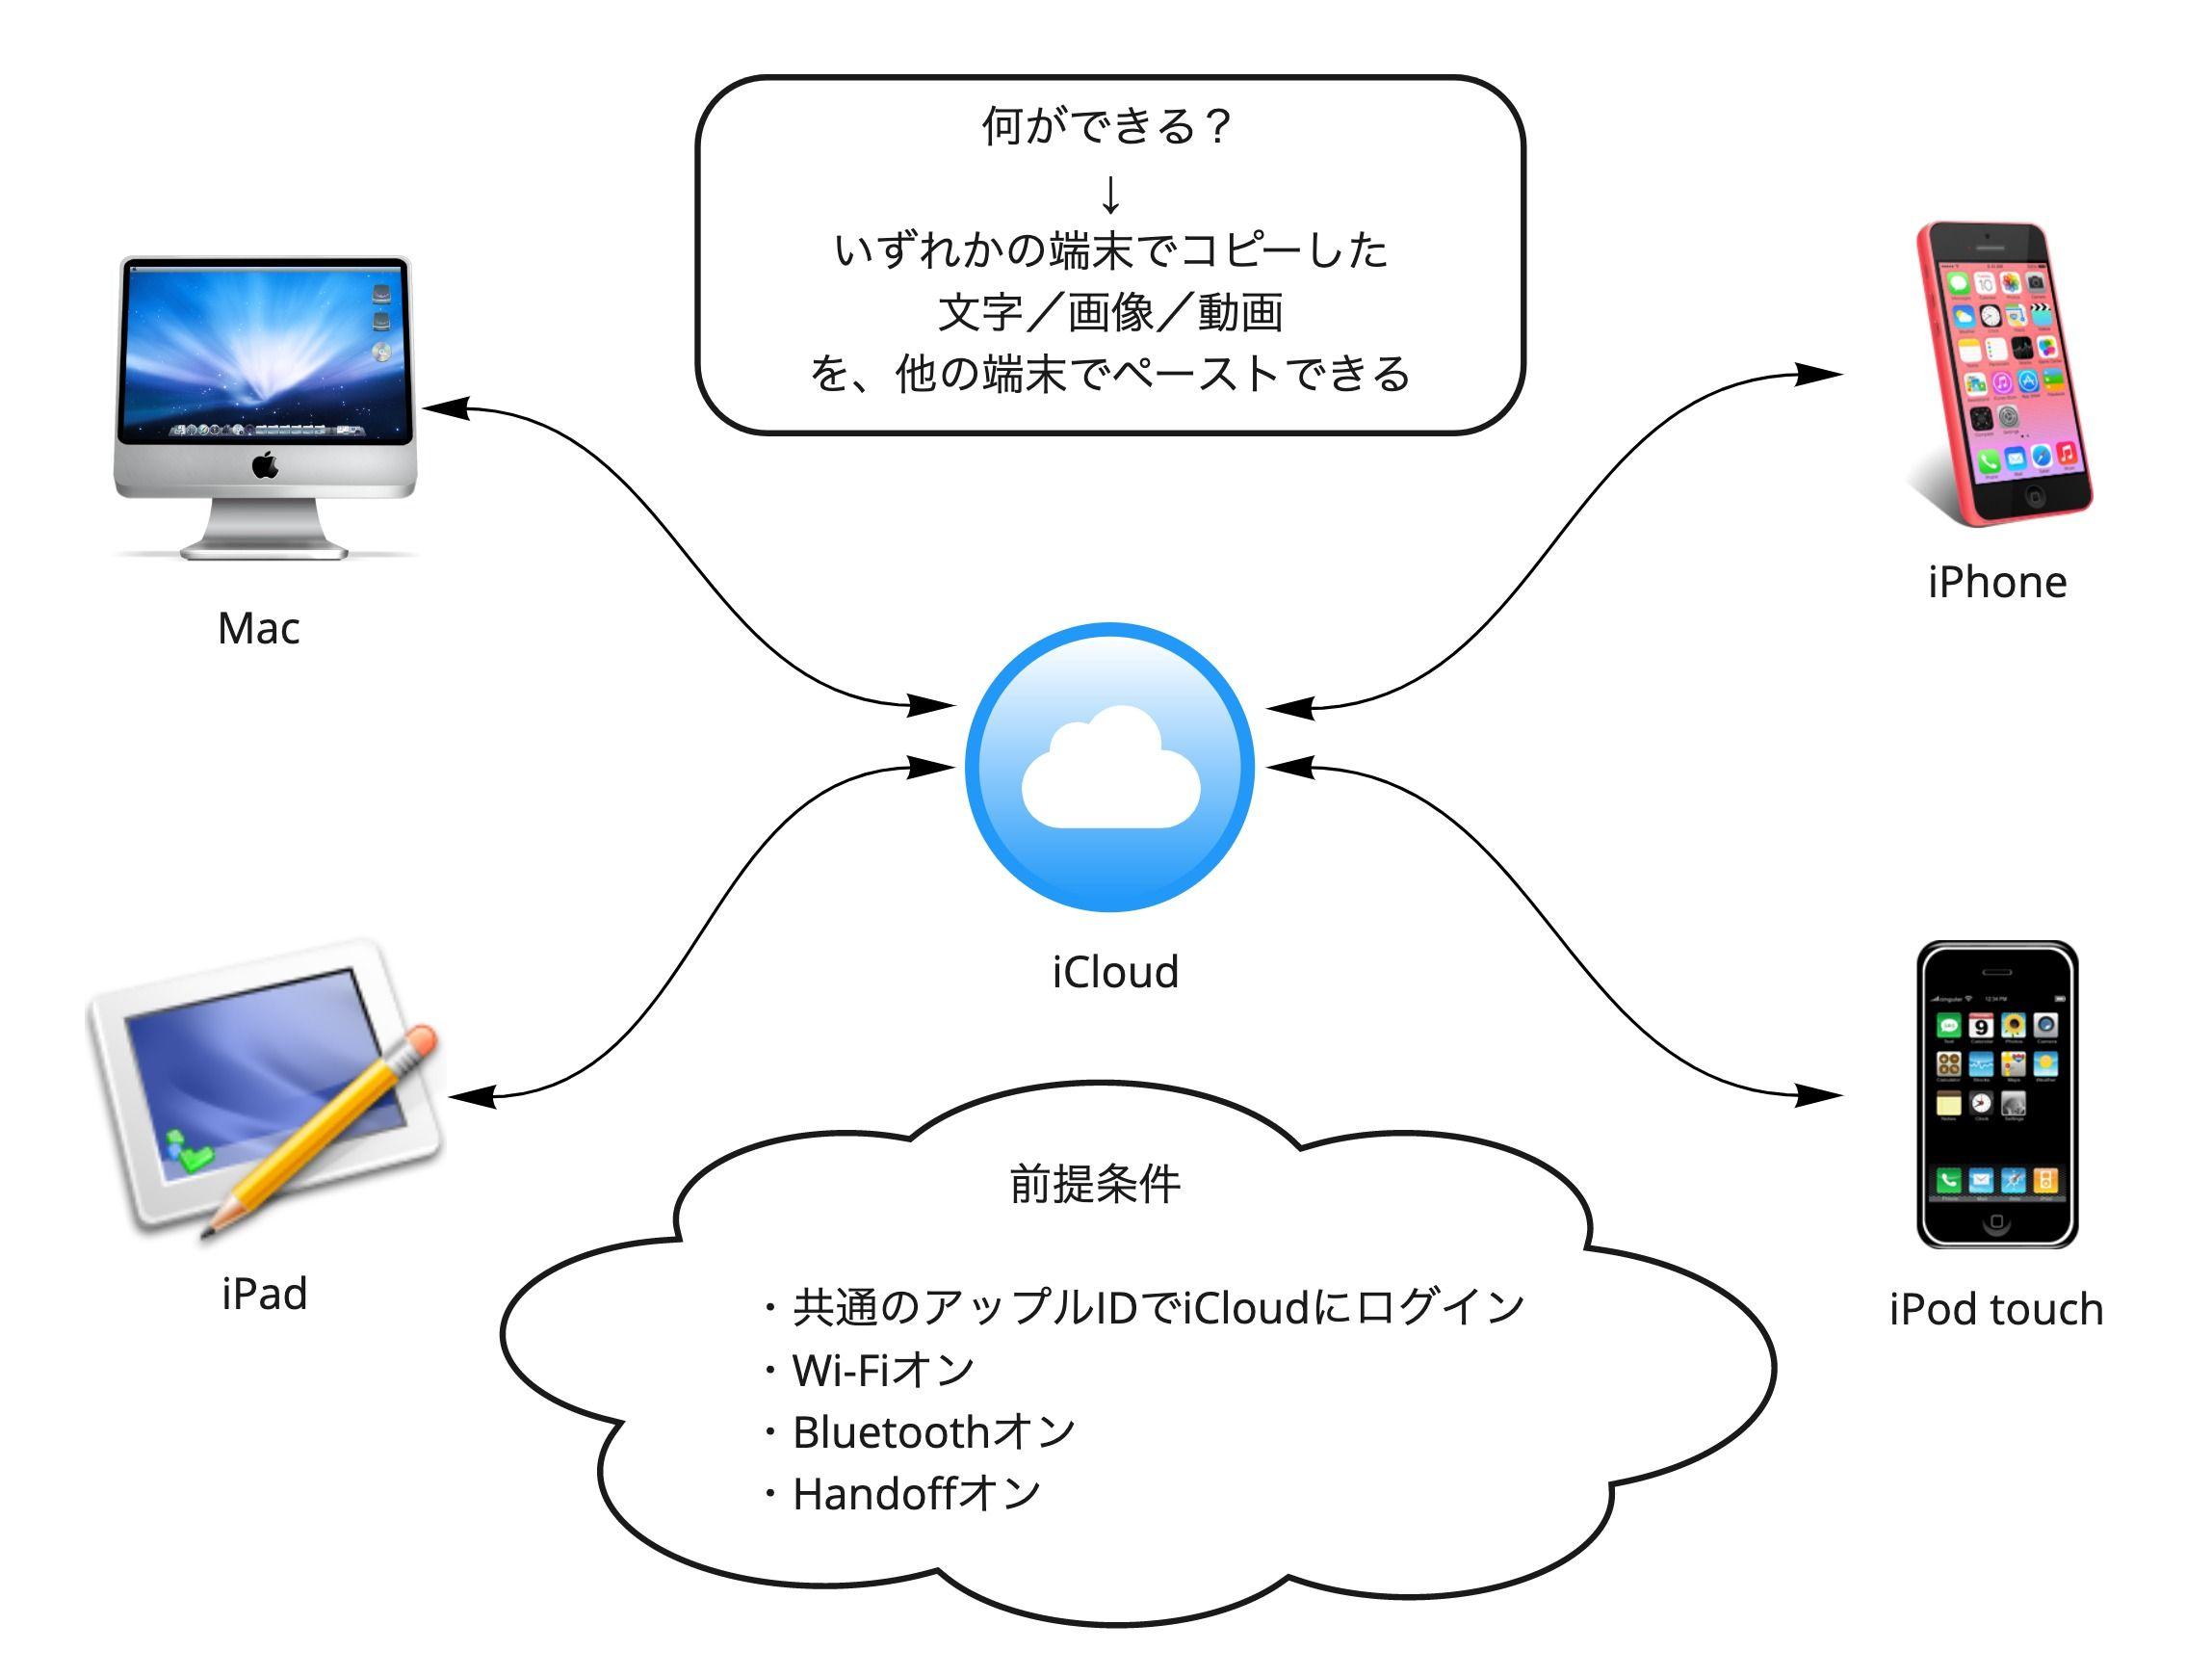 Apple製品の「ユニバーサルクリップボード」のイメージ図